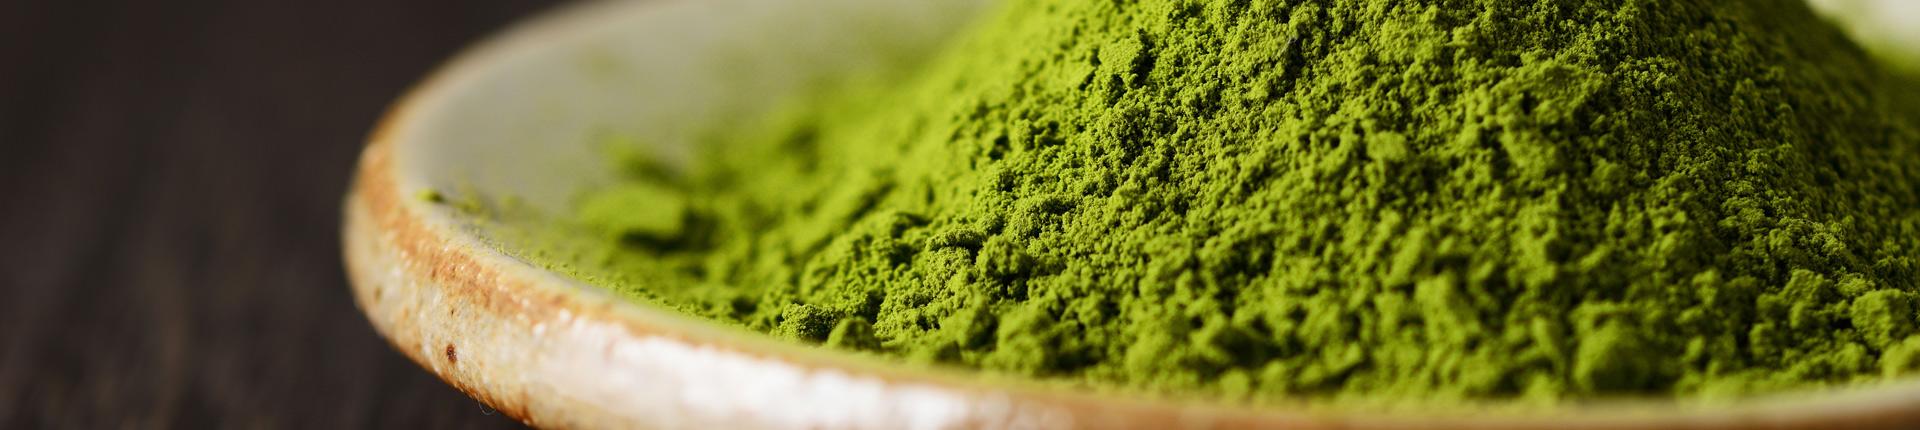 Green Tea ALLNUTRITION - Właściwości i zastosowanie zielonej herbaty